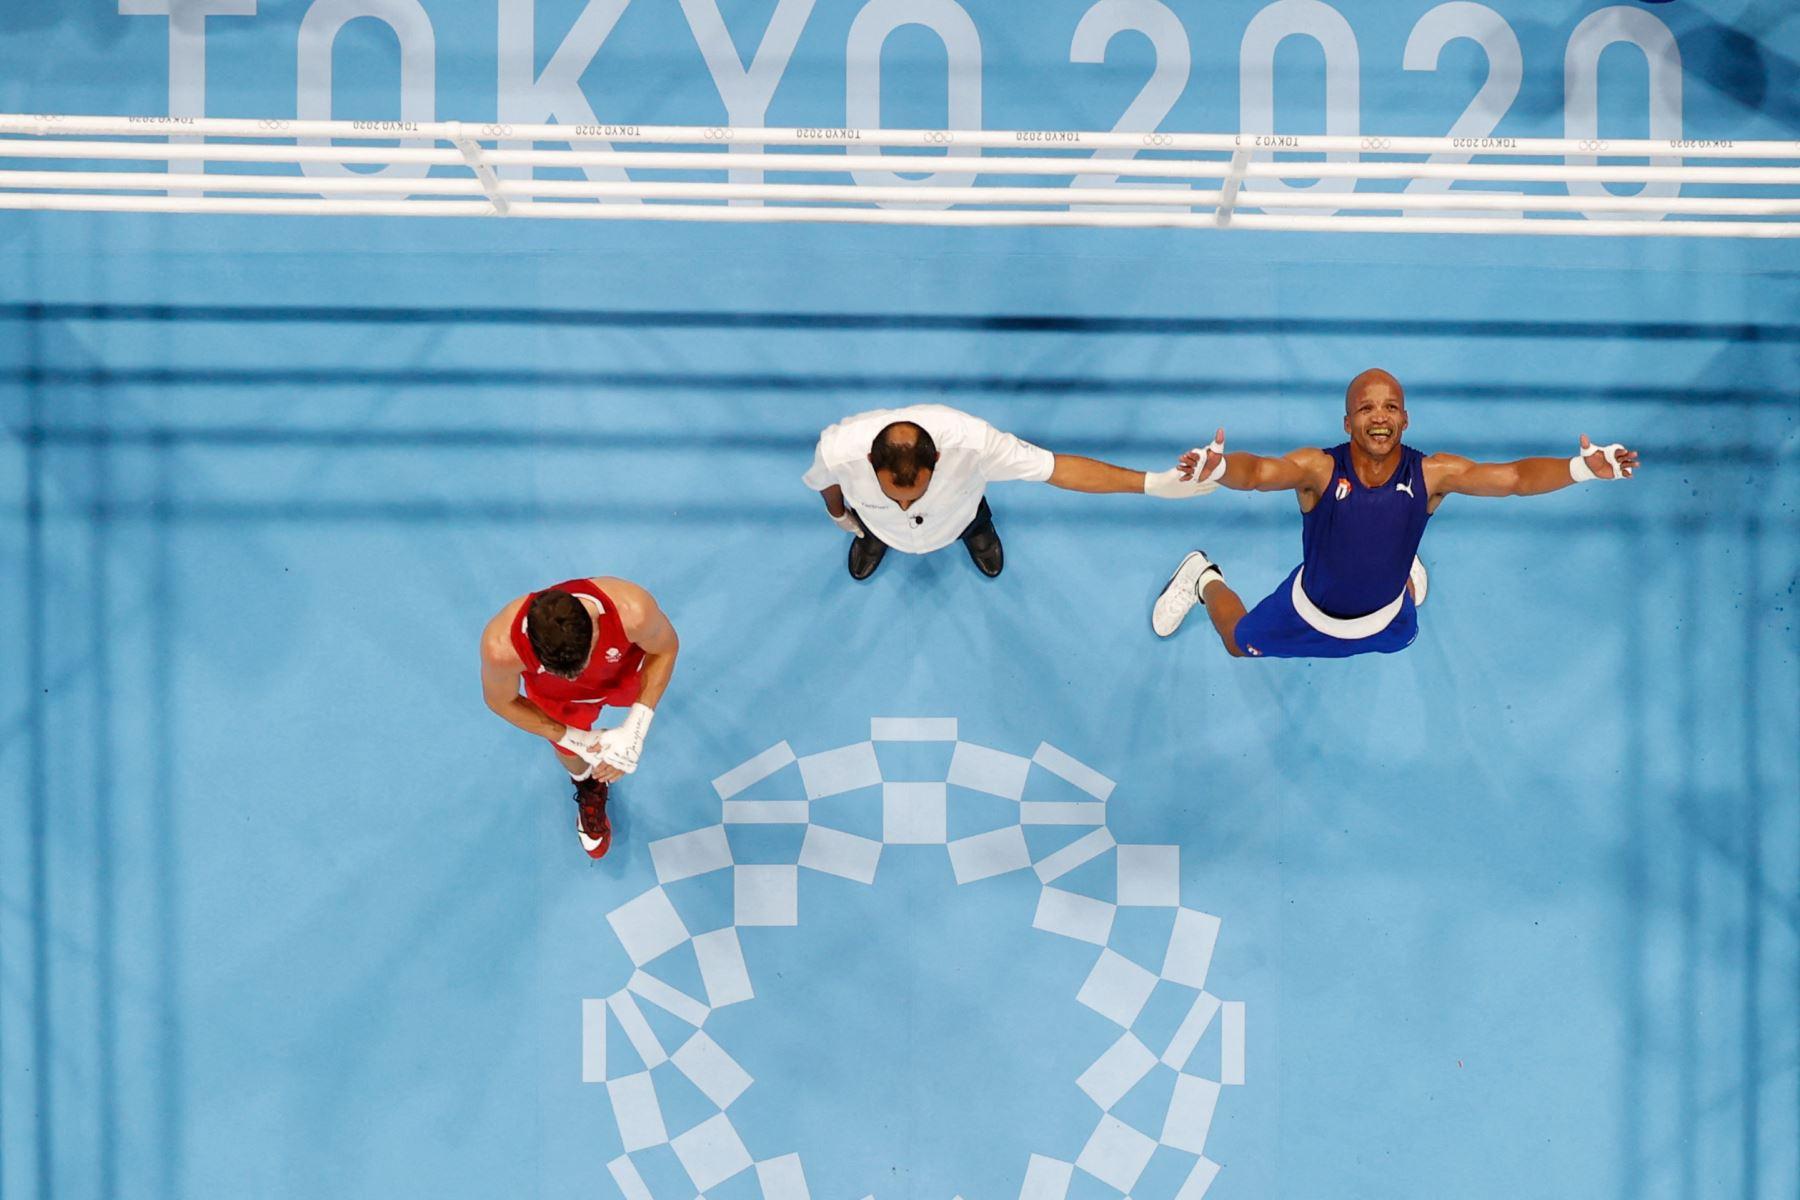 Una descripción general muestra al cubano Roniel Iglesias celebrando después de ganar al británico Pat McCormack después de su pelea final de boxeo welter masculino (63-69 kg) durante los Juegos Olímpicos de Tokio 2020.  Foto: AFP